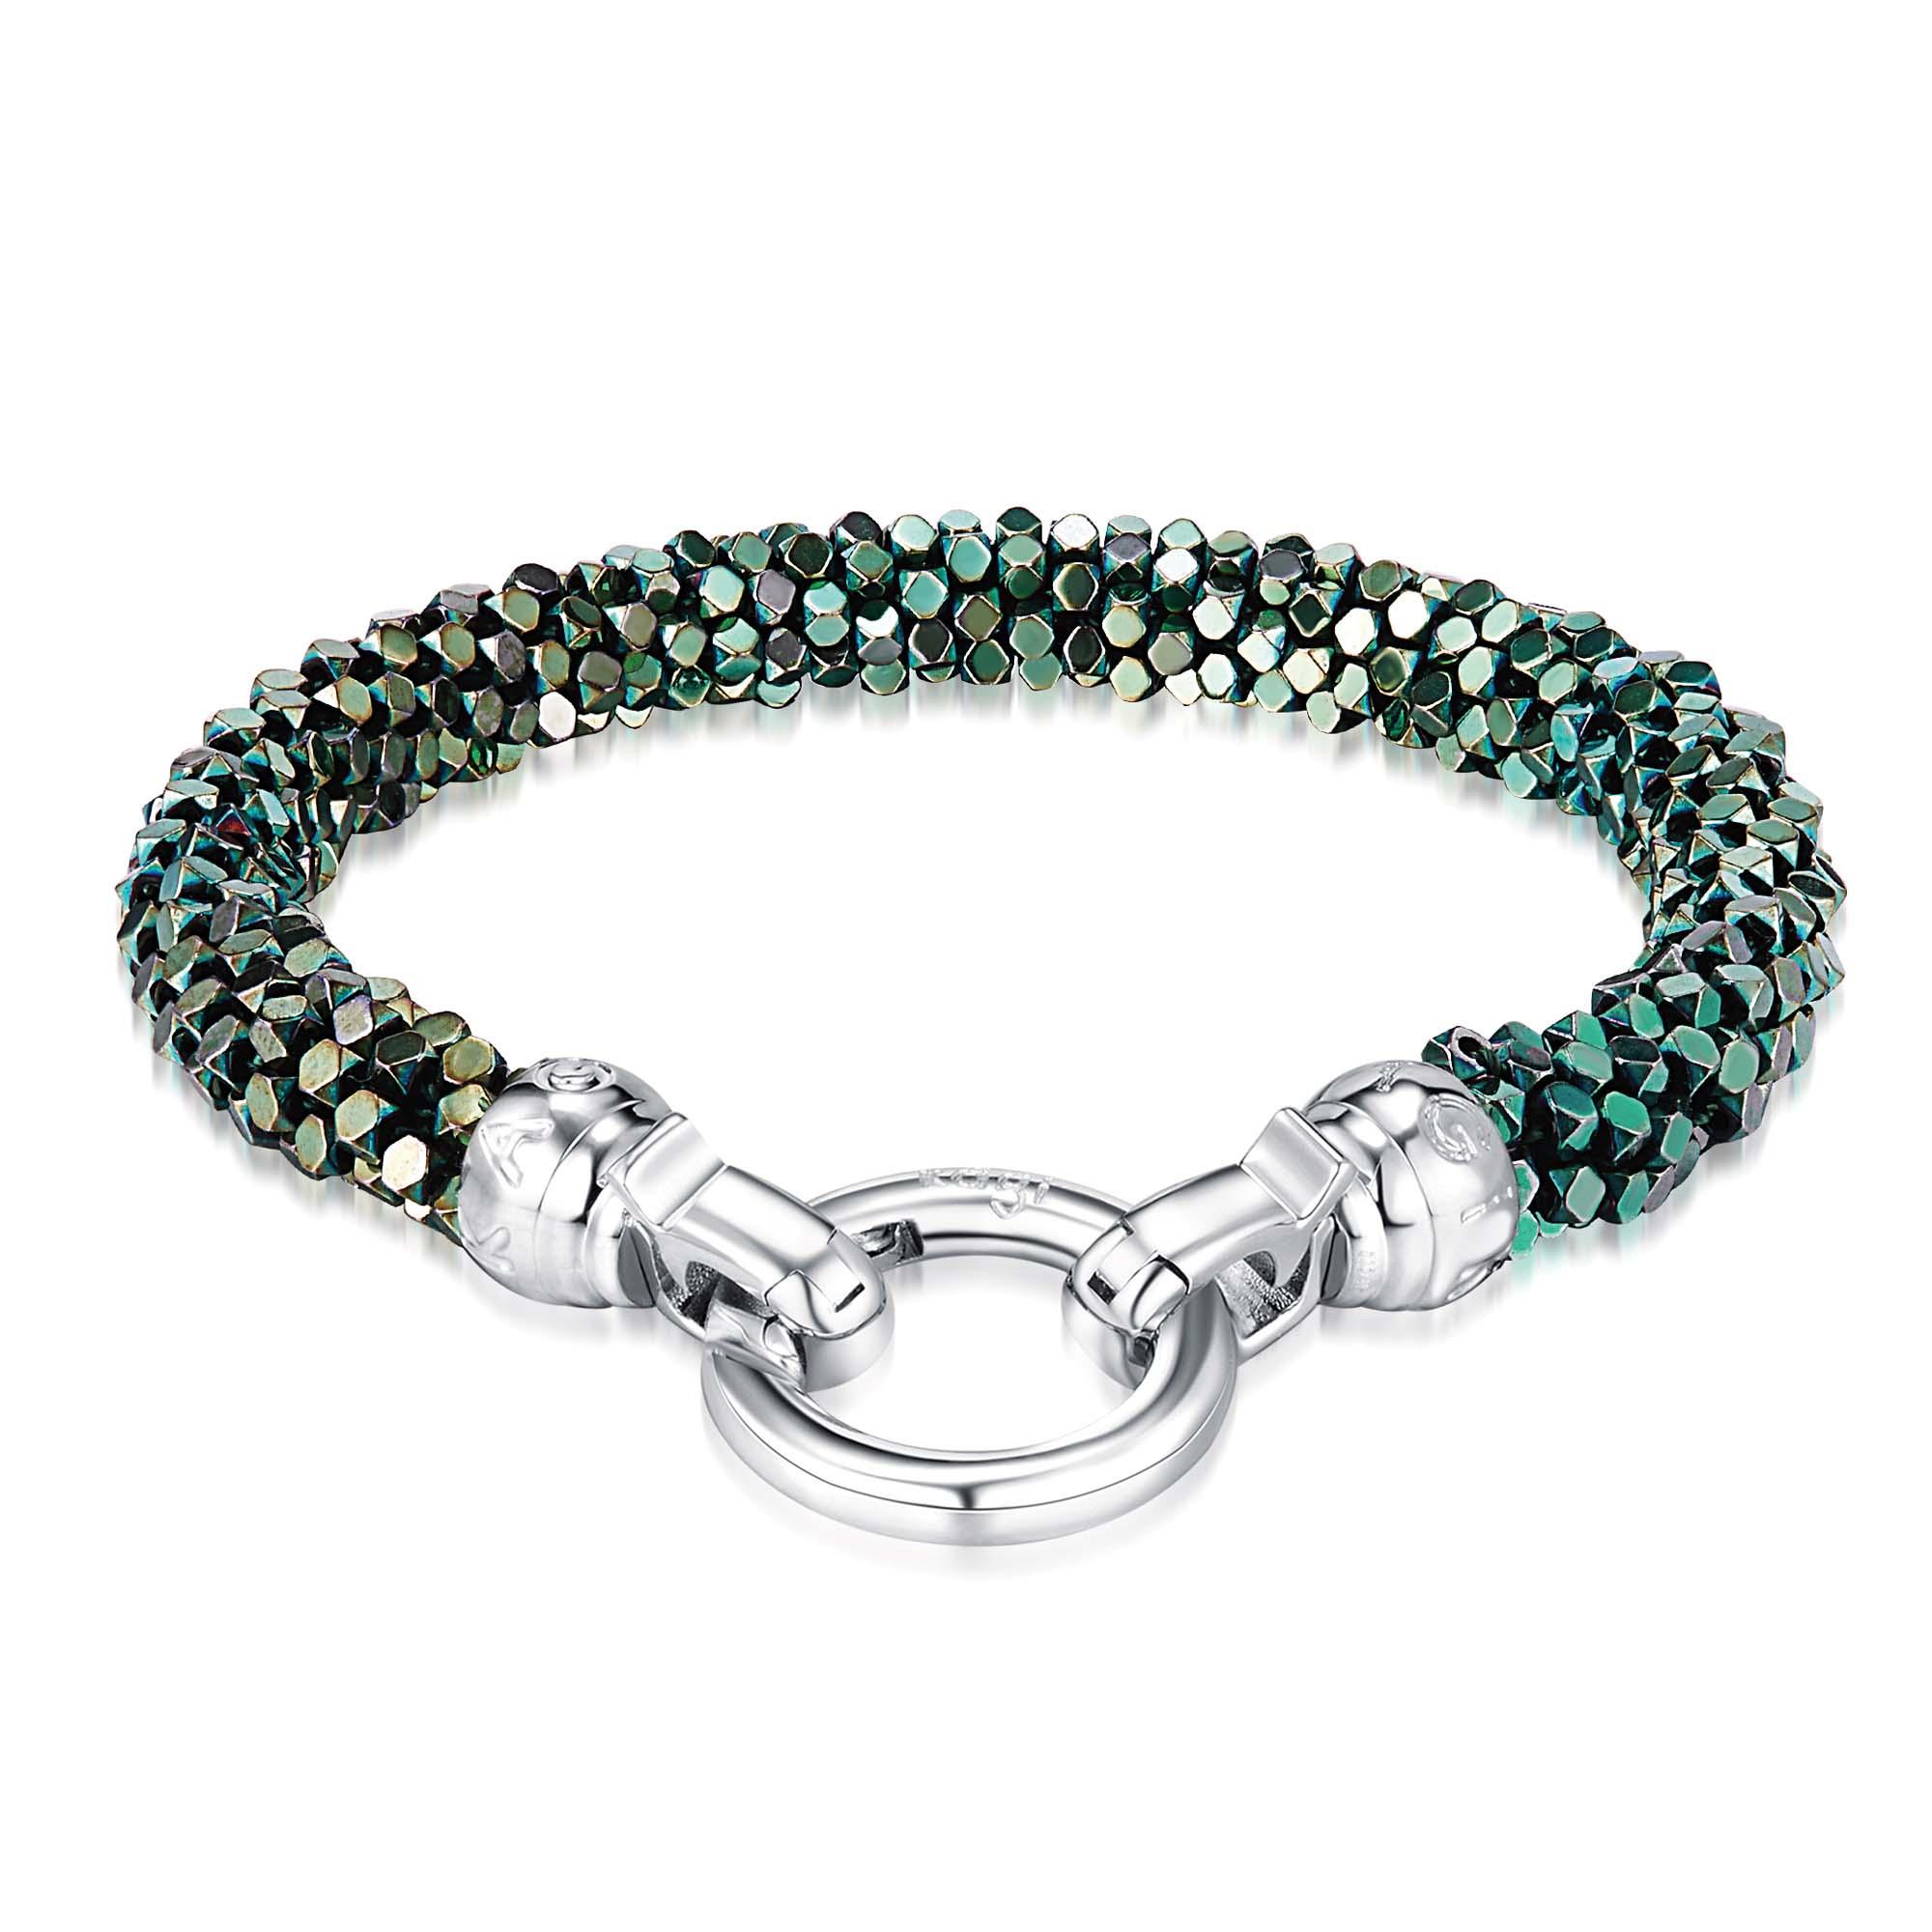 Kagi Blue Danube Weave Bracelet $169 www.kagi.net